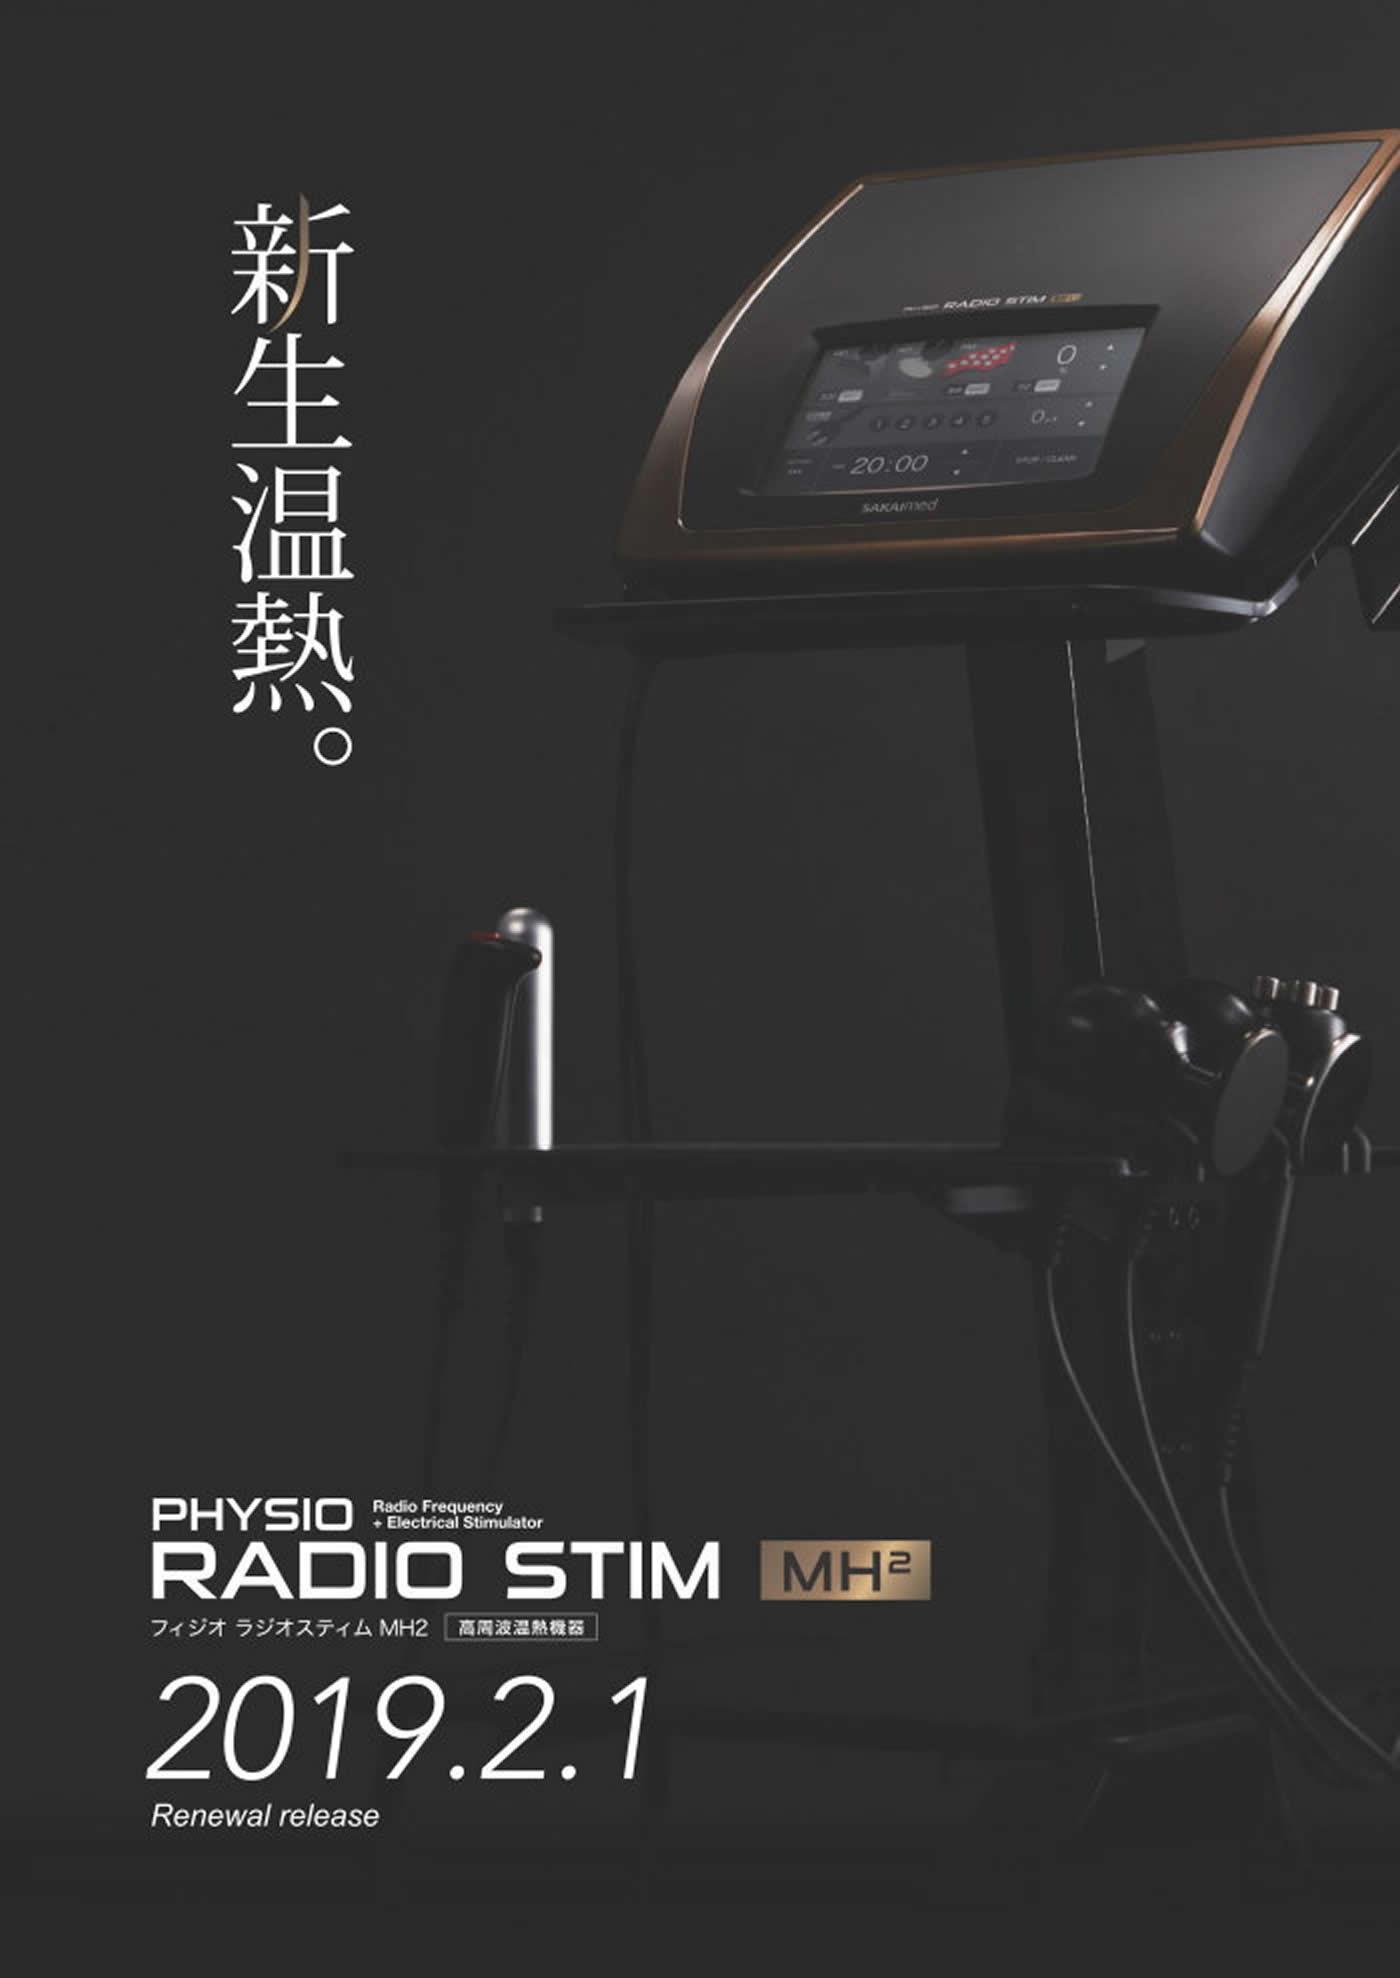 業務用ラジオ波美容機器「フィジオ ラジオスティムMH2」